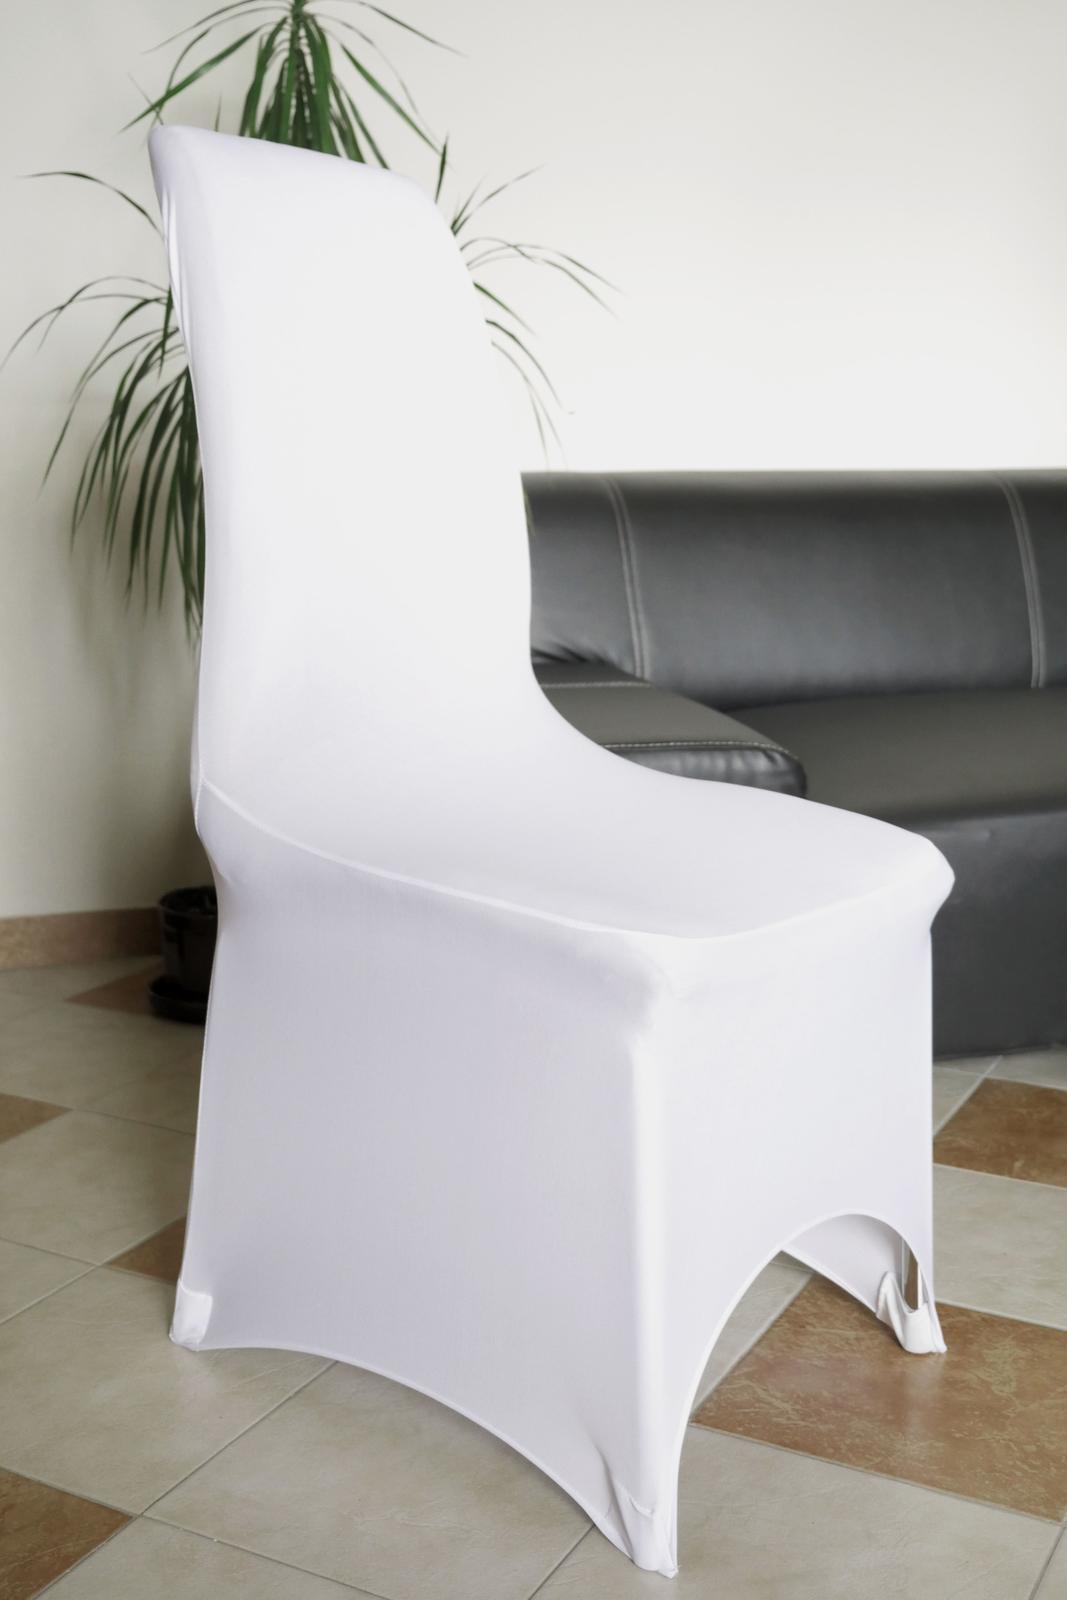 Spandexové návleky / potahy na židle - Obrázek č. 1